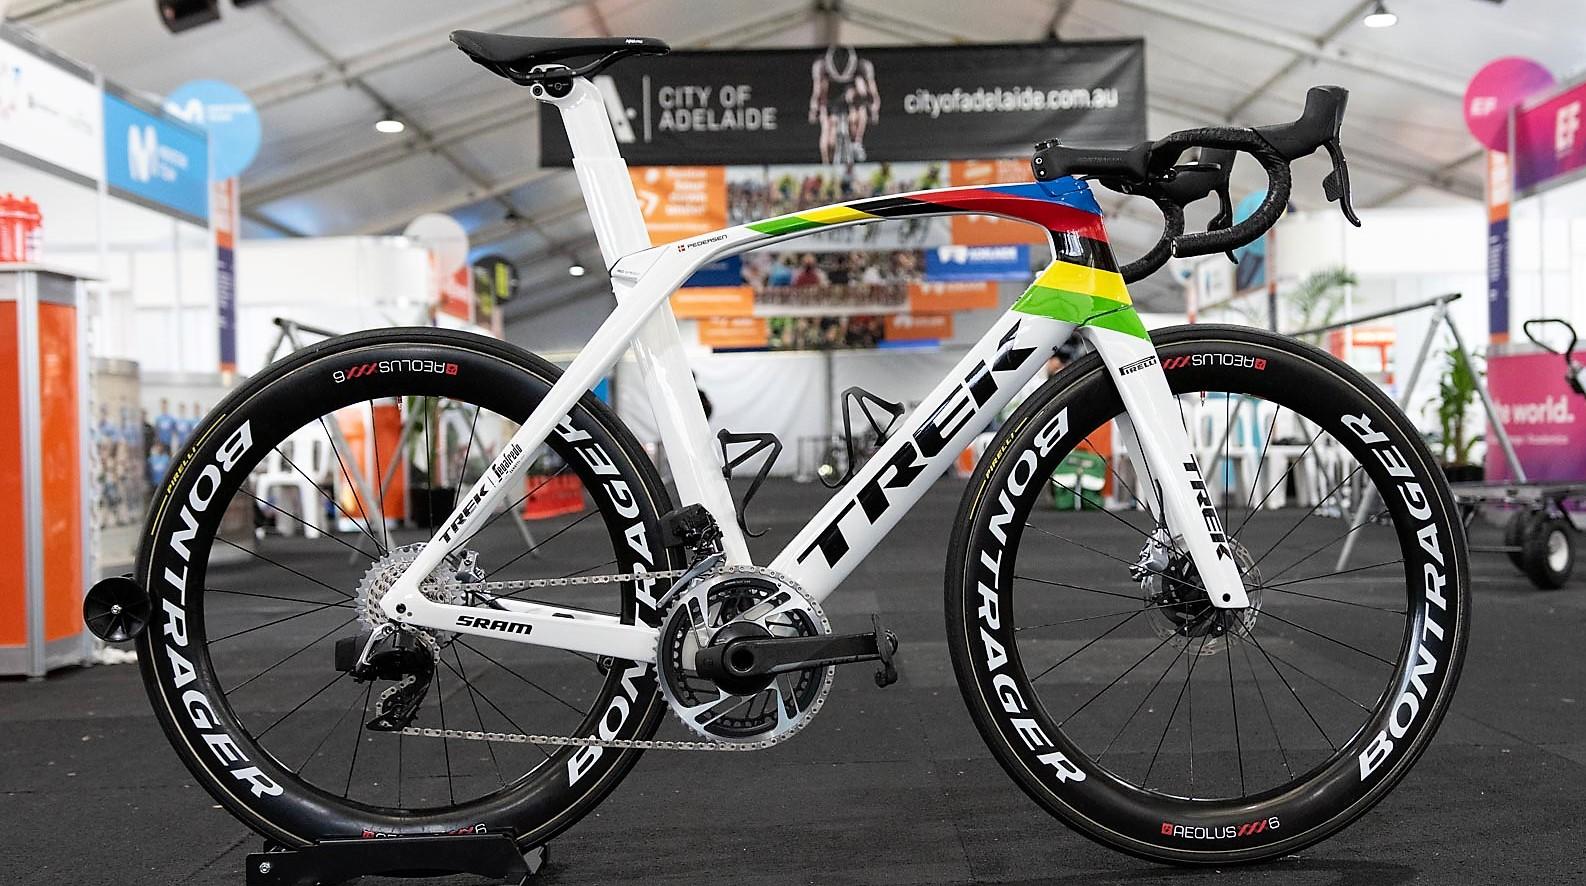 Πελοτόν 2020 – Τα ποδήλατα ΙΙΙ